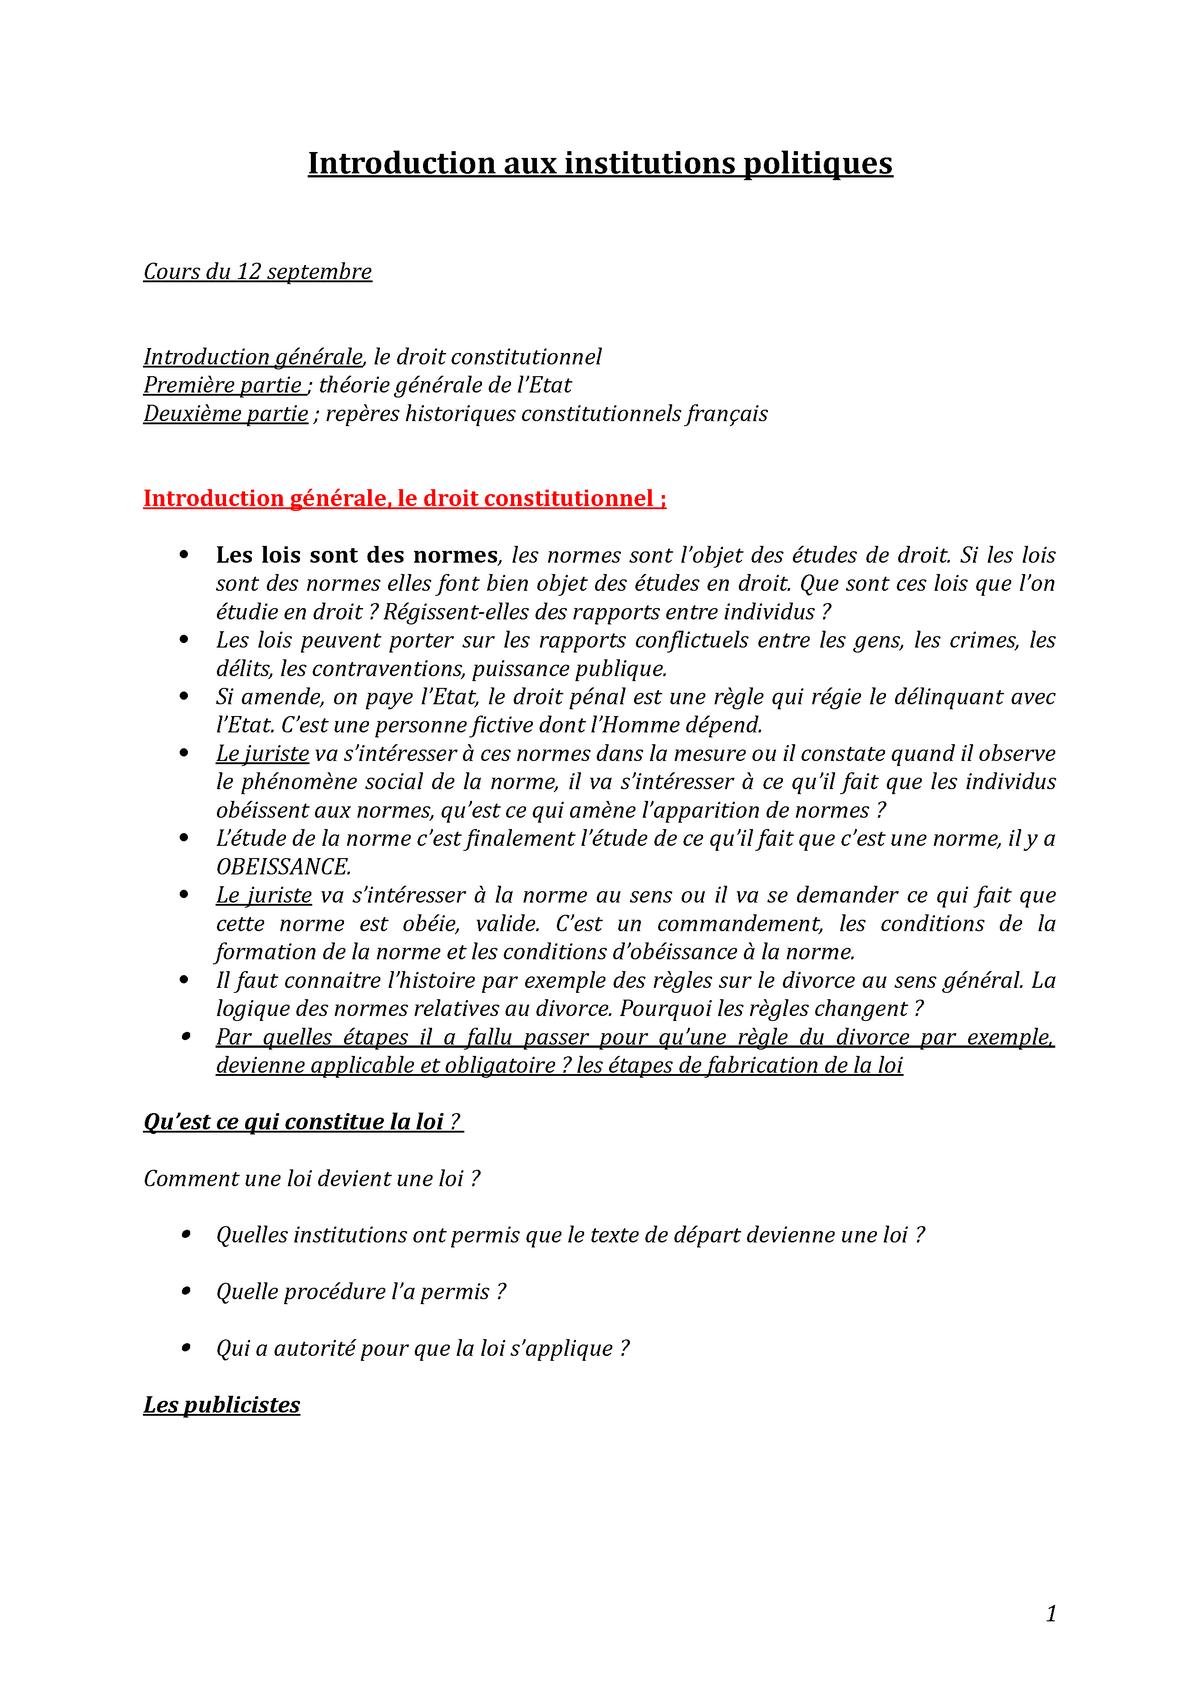 Exemple de dissertation juridique rédigée - blogger.com